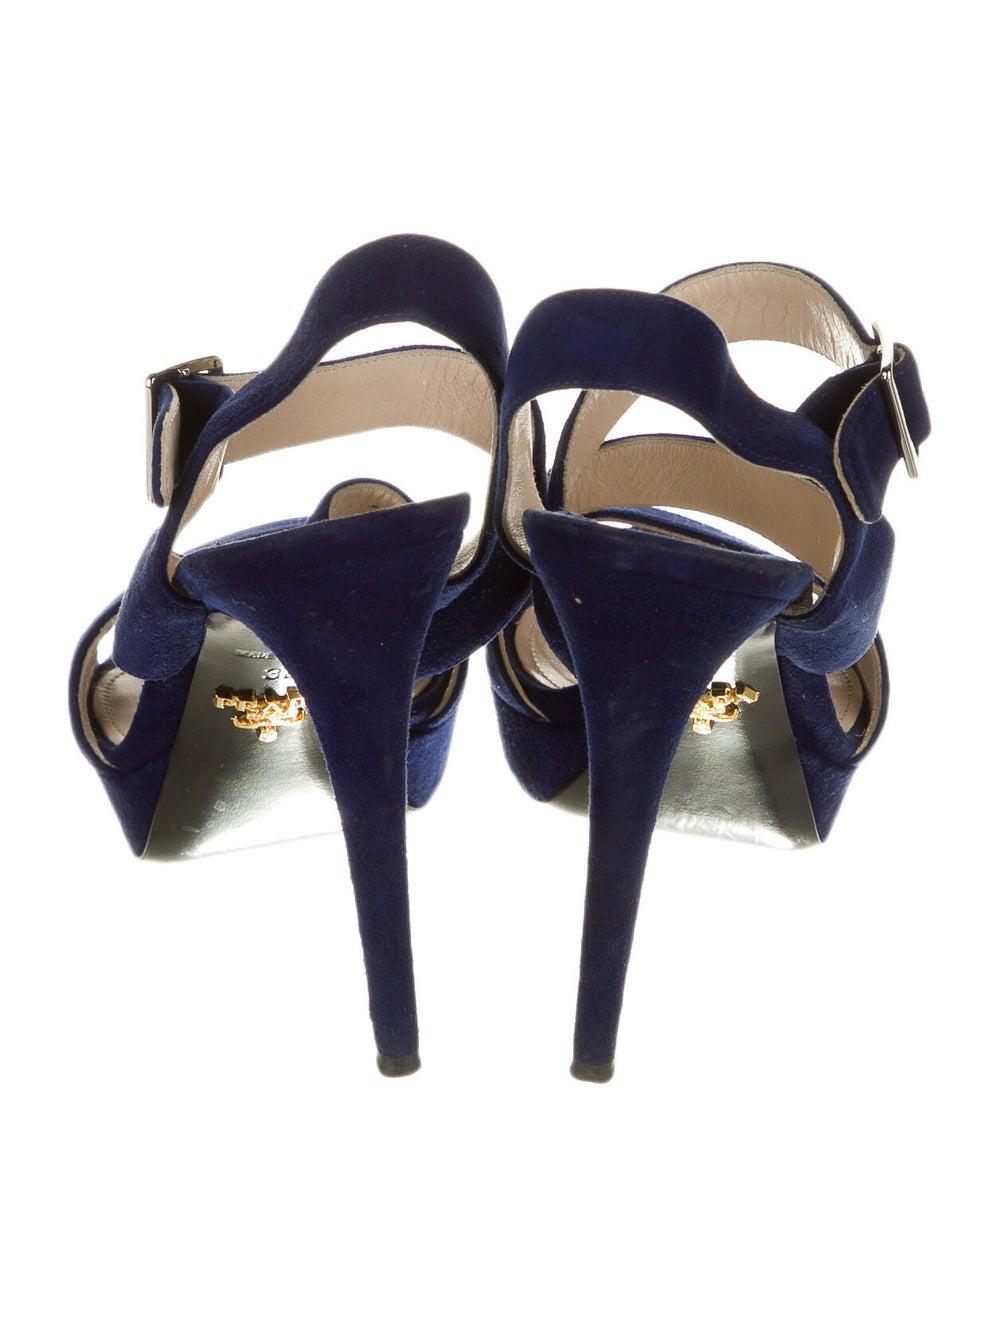 Prada Suede Sandals Blue - image 4